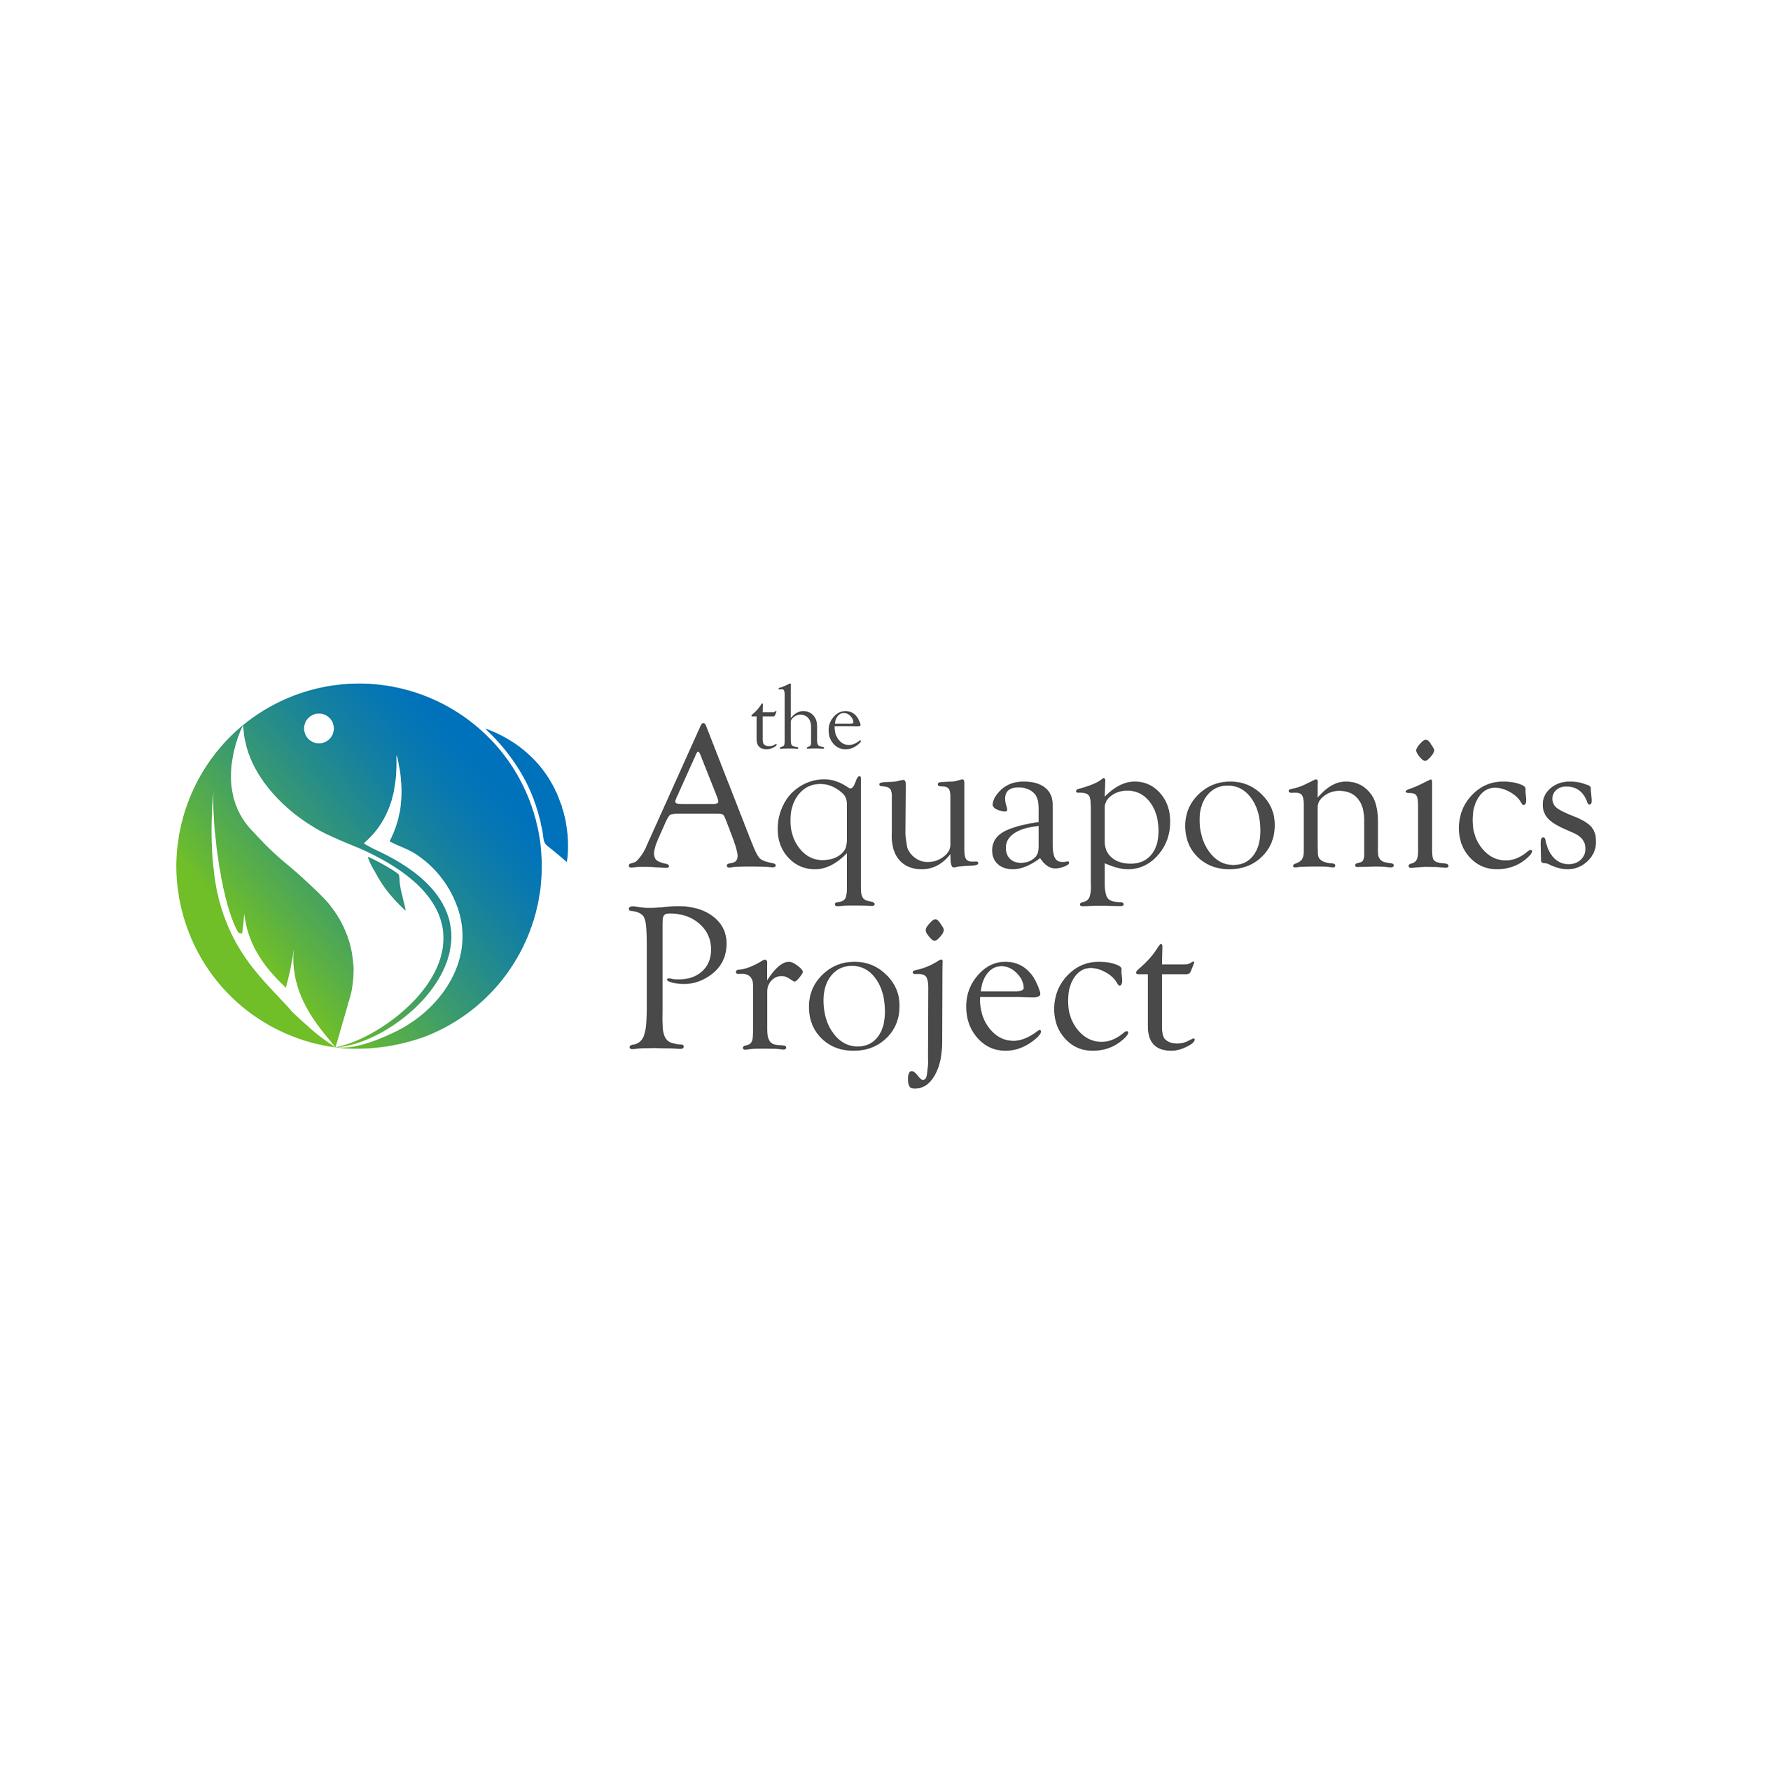 The-Aquaponics-Project